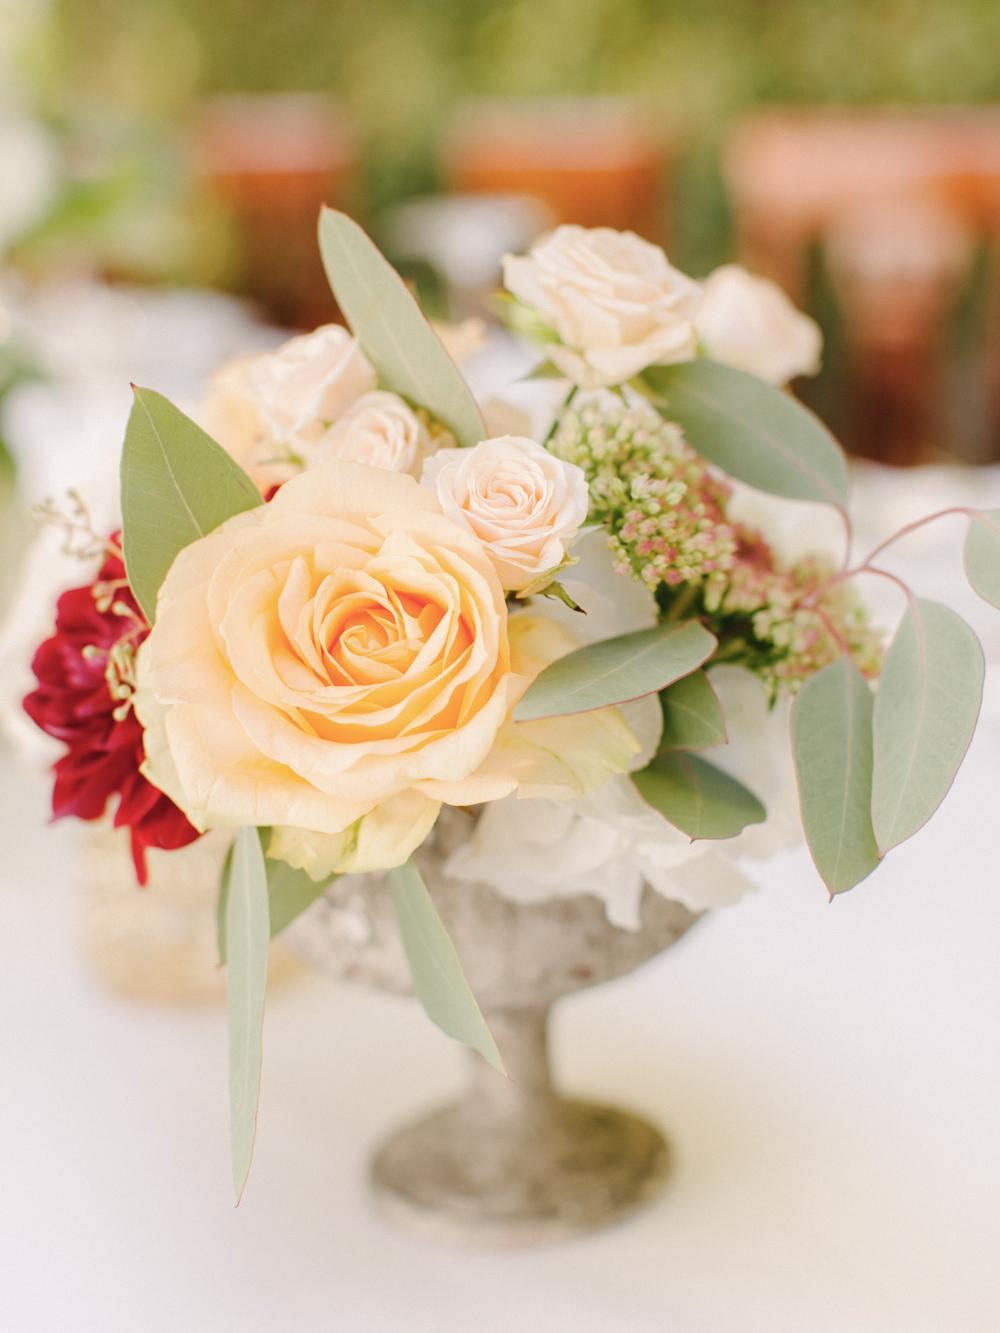 TUSCANY-INTIMATE-WEDDING--29